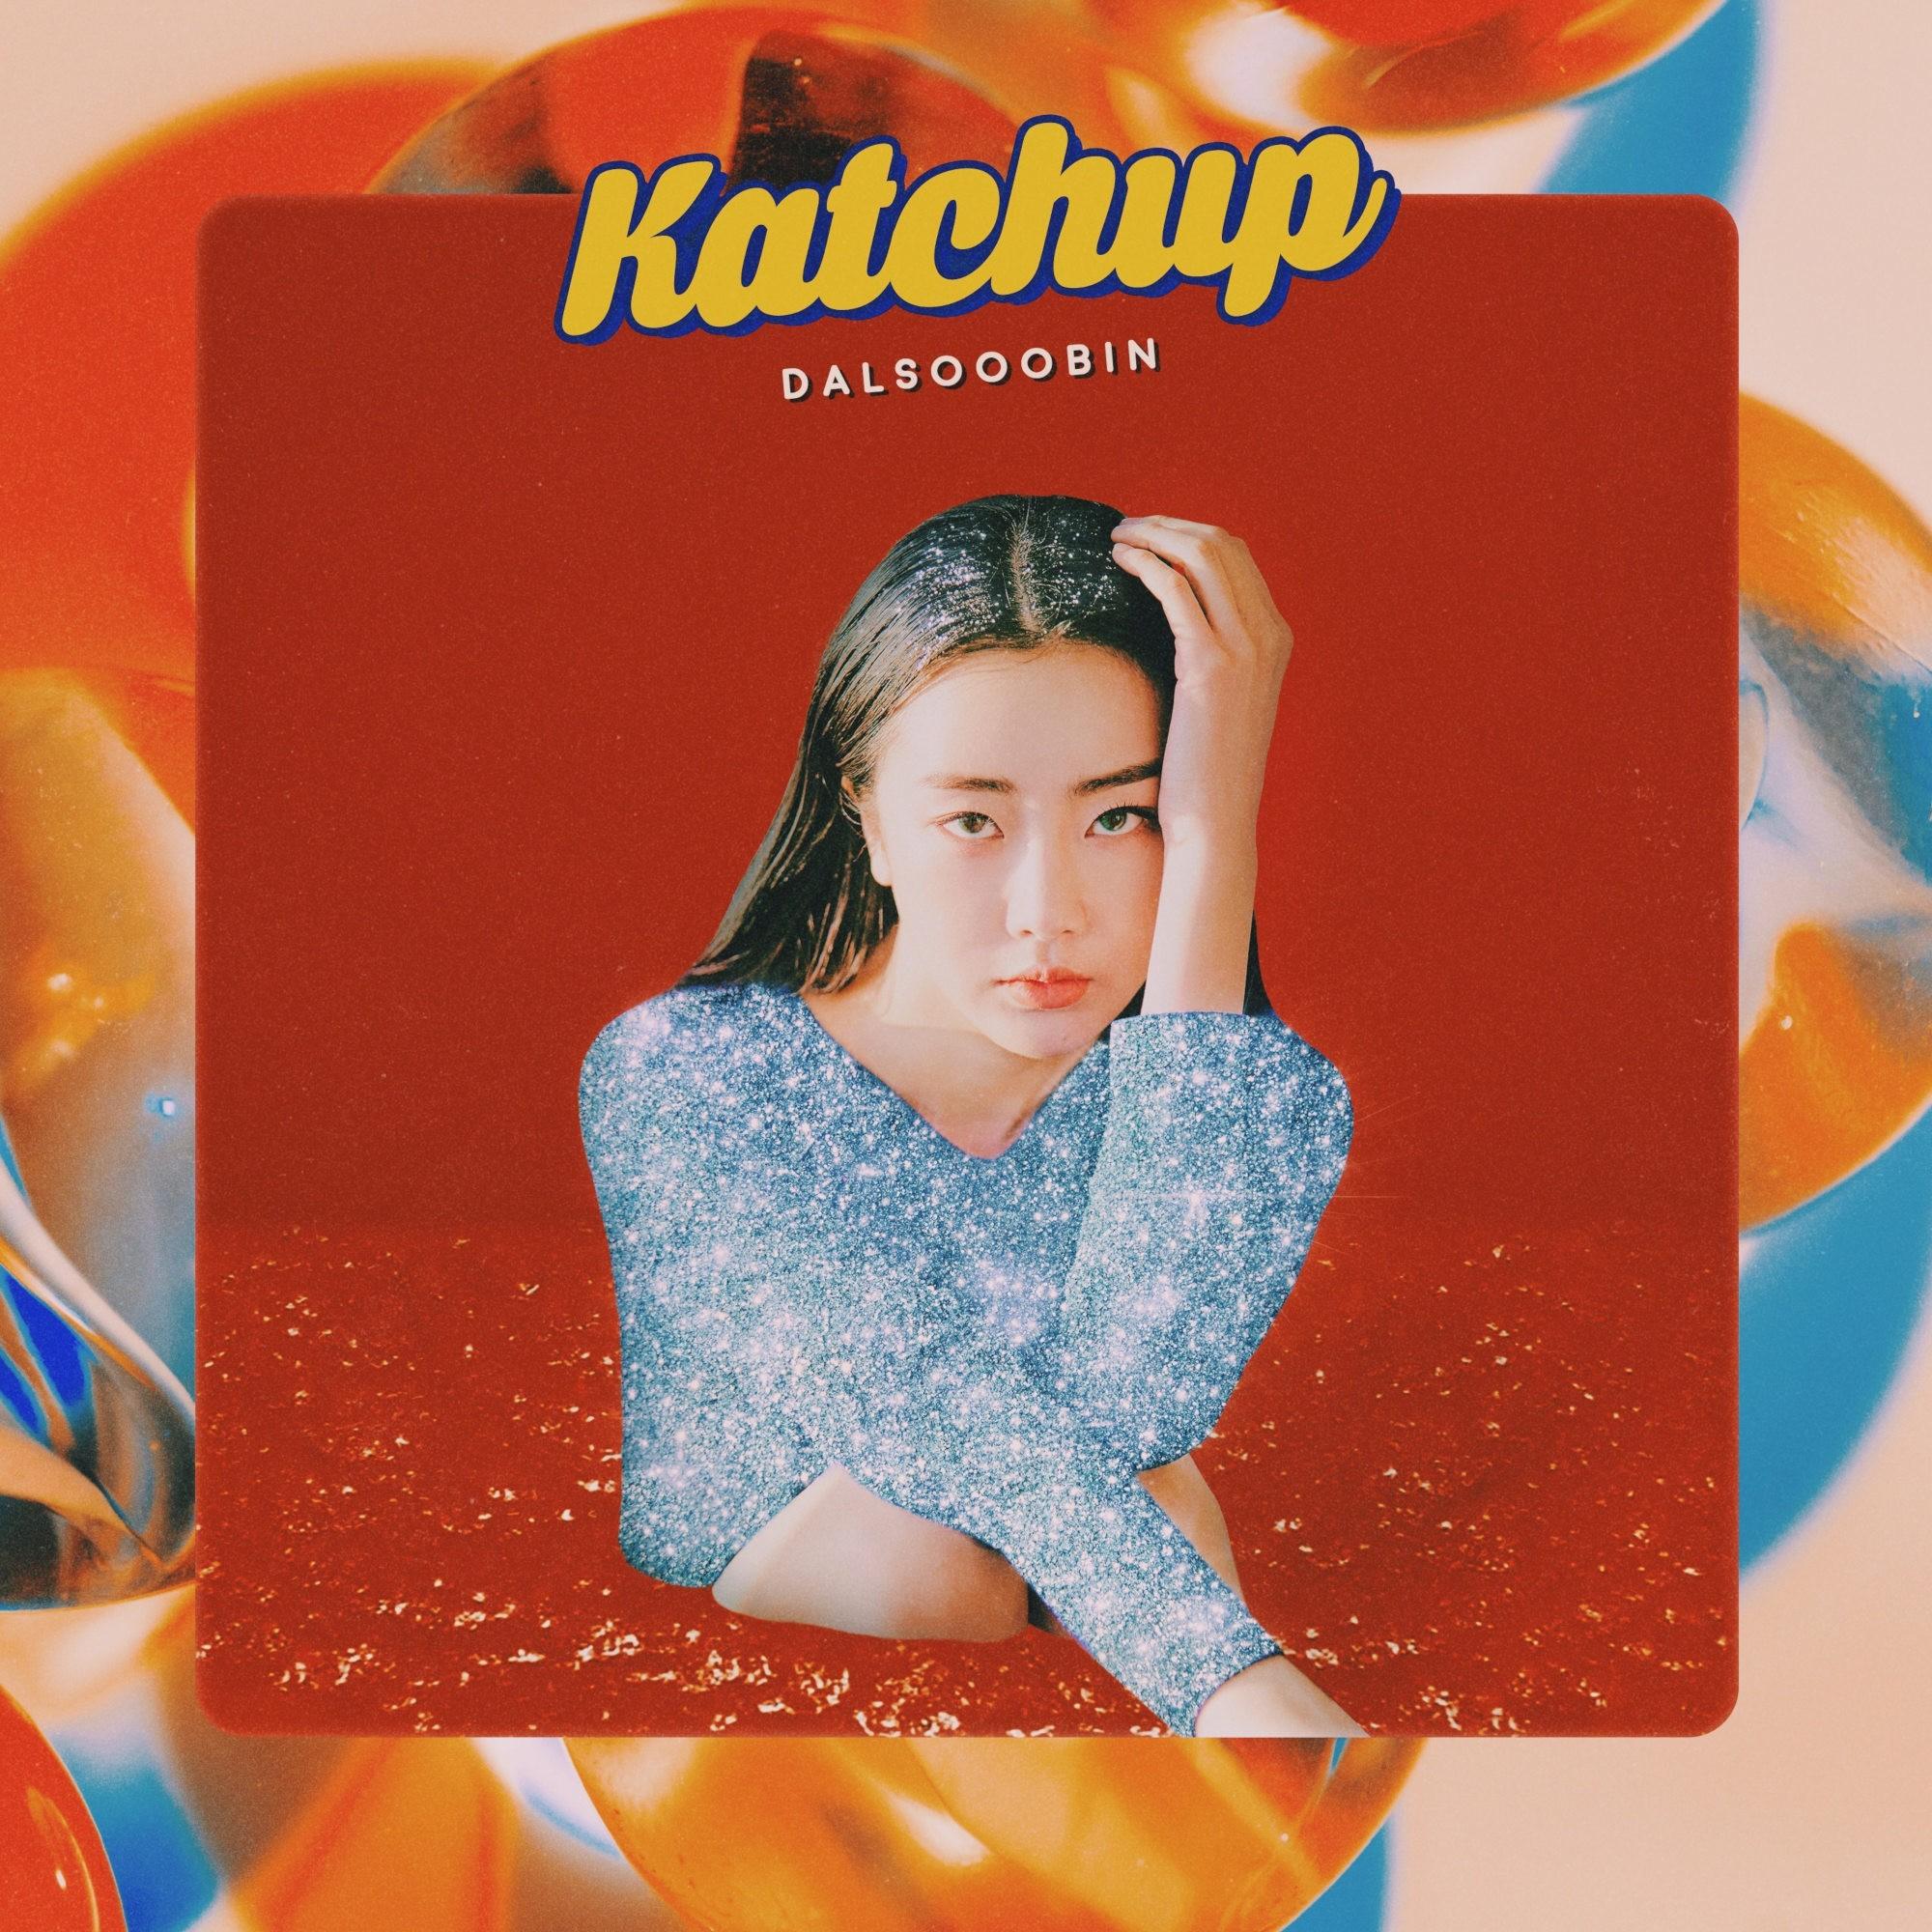 Dalsooobin (박수빈) – Katchup [FLAC + AAC 256 / WEB] [2019.03.05]